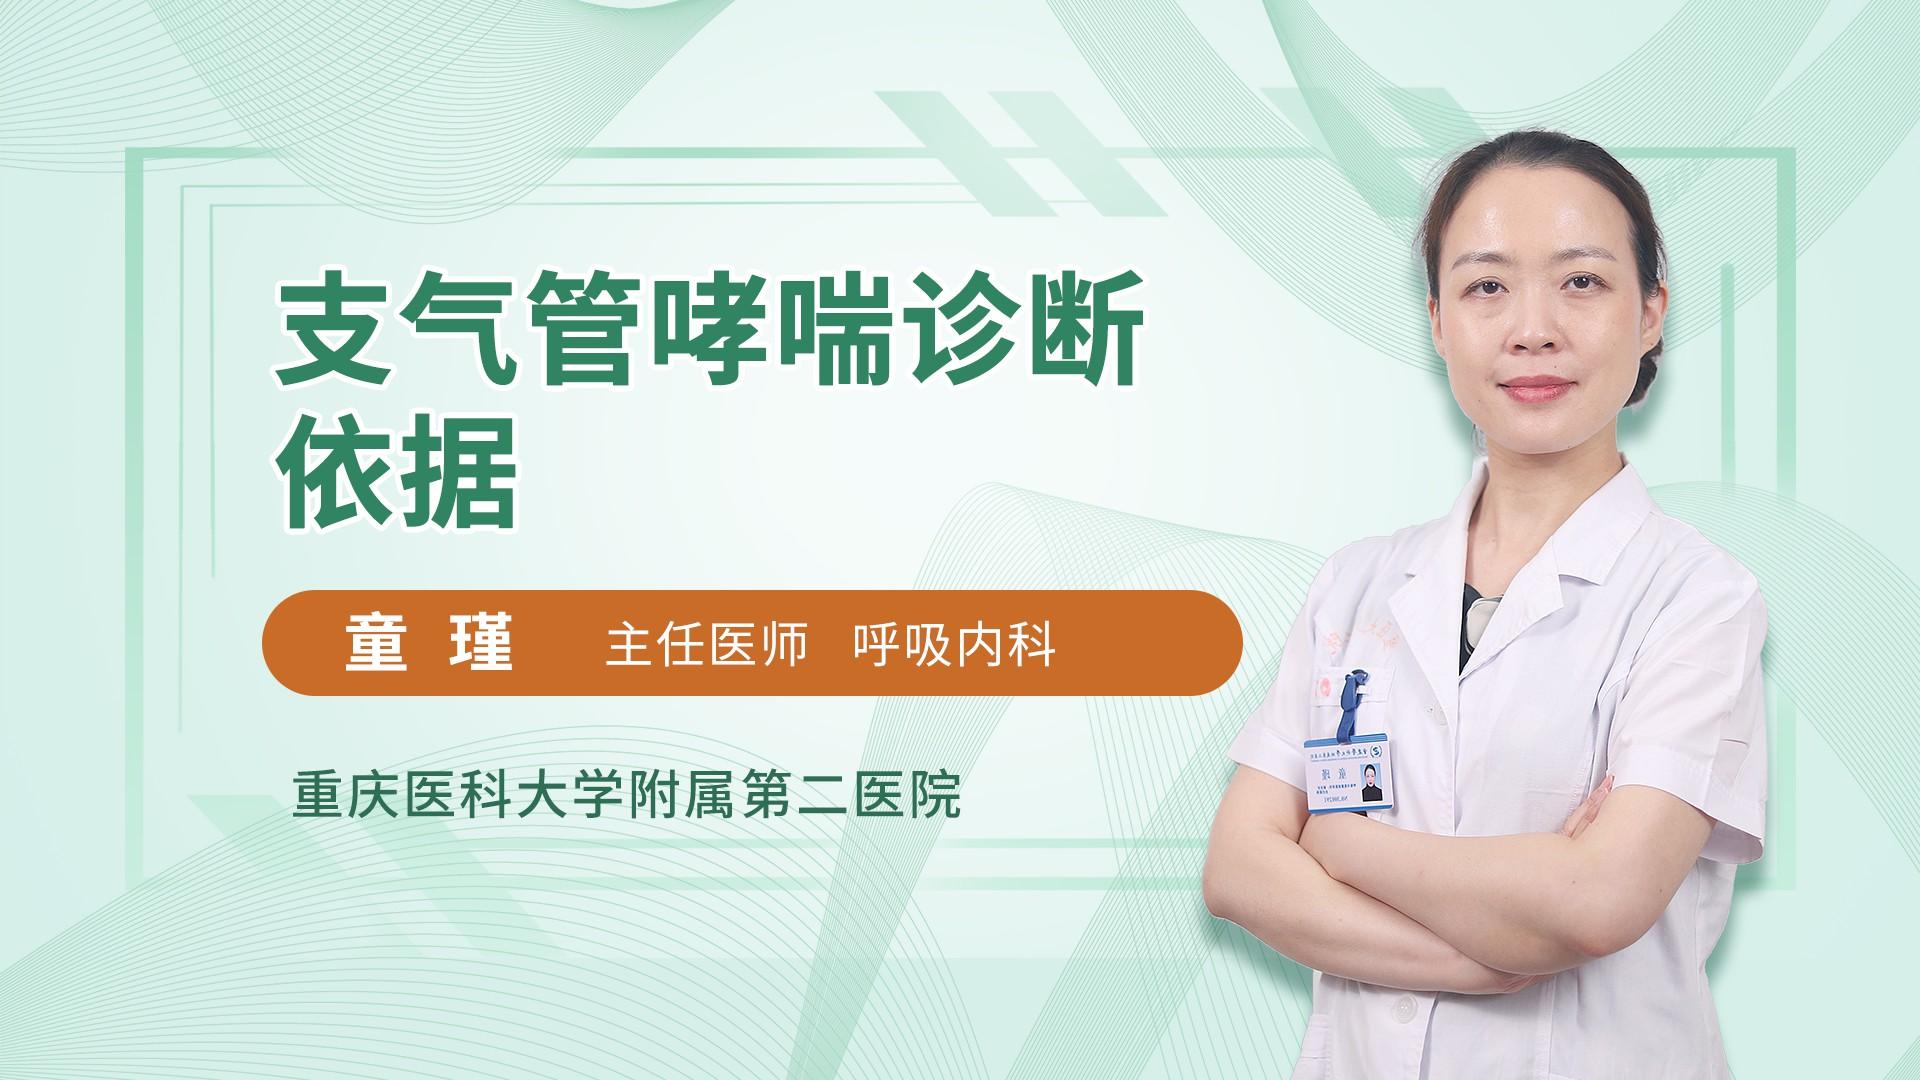 支气管哮喘诊断依据